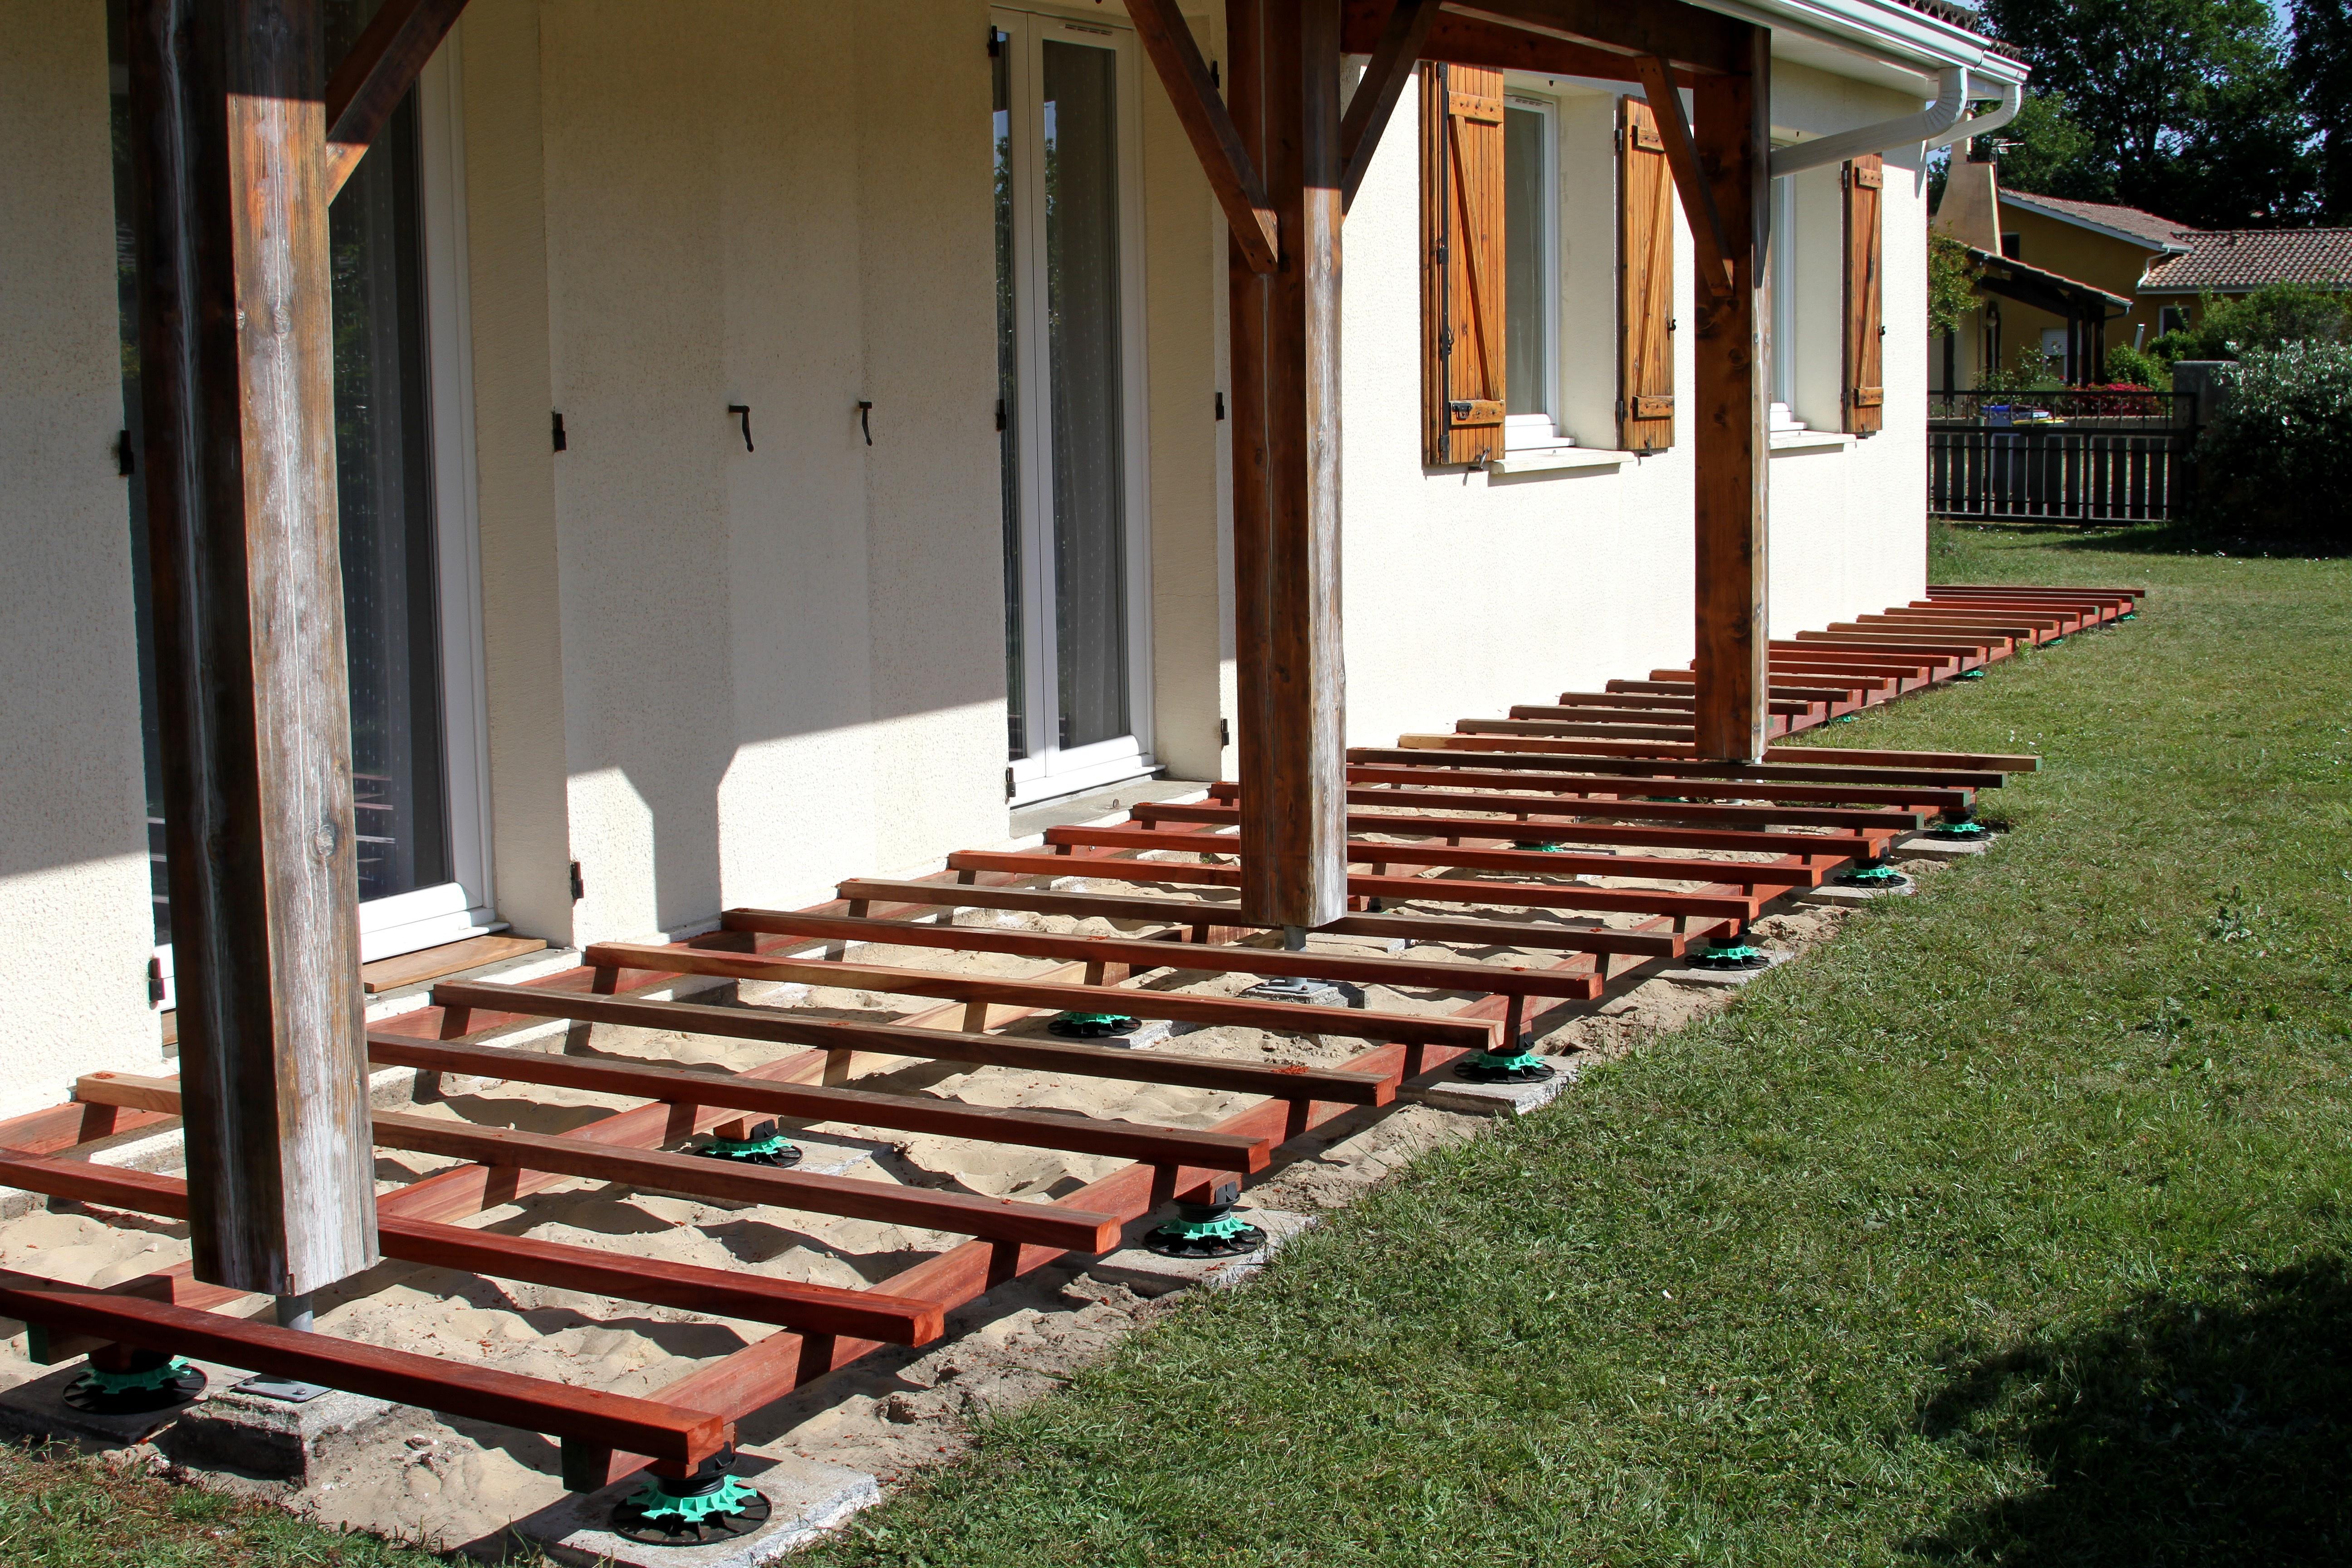 Construction Et Prix D'une Terrasse Sur Plot destiné Faire Une Terrasse A Moindre Cout